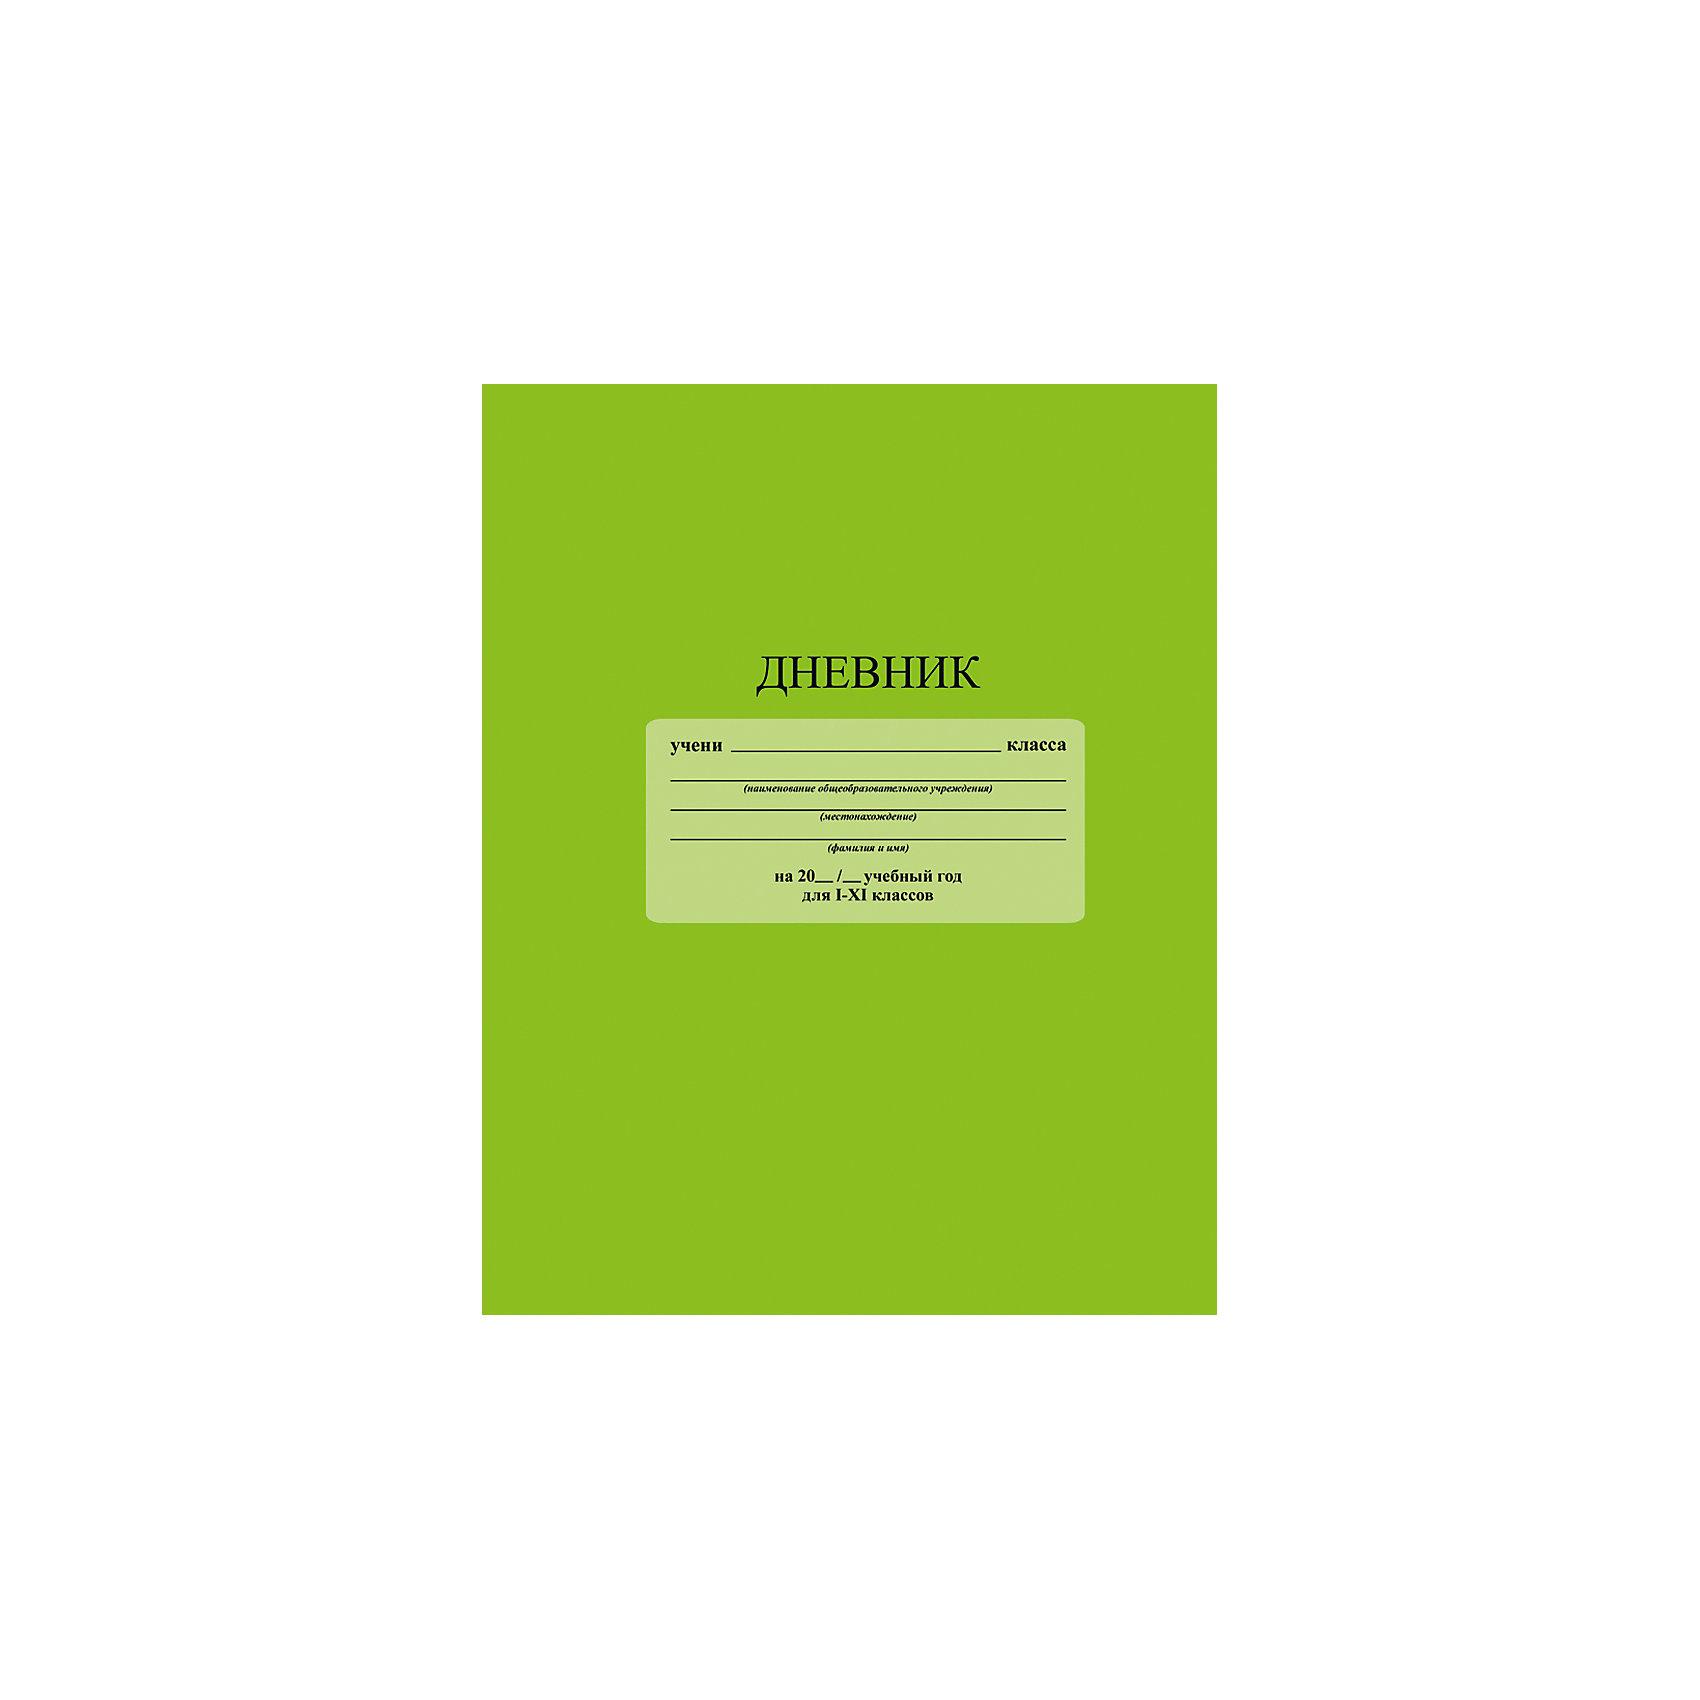 Дневник   Салатовый. Формат А5, твердая обложка 7БЦ,  с глянцевой ламинацией.Бумажная продукция<br>Характеристики товара:<br><br>• возраст: от 6 лет;<br>• цвет: салатовый;<br>• формат: А5;<br>• количество листов: 48;<br>• разметка: в линейку;<br>• бумага: офсетная;<br>• переплет: твердый;<br>• обложка: твердый картон с ламинацией;<br>• размер: 21,7х17х0,5 см.;<br>• вес: 200 гр.;<br>• страна бренда: Россия;<br>• страна изготовитель: Россия.<br><br>Дневник «Салатовый». Формат А5, твердая обложка 7БЦ,  с глянцевой ламинацией. Незапечатанный форзац. Школьный дневник 1-11 классы, имеет сшитый внутренний блок, состоящий из 48 листов белой бумаги (плотность 65 г/кв.м.) с линовкой. Крепкий твердый переплет 7БЦ сохранит внешний вид дневника на весь учебный год. Дневник имеет однотонную обложку и белый форзац со справочной информацией. Обложка дневника изготовлена с глянцевой ламинацией.<br><br>Дневник - это первый ежедневник вашего ребенка. Он поможет ему не забыть свои задания, а вы всегда сможете проконтролировать его успеваемость.<br><br>Дневник «Салатовый». Формат А5, твердая обложка 7БЦ,  с глянцевой ламинацией. Незапечатанный форзац. , 48 листов, можно купить в нашем интернет-магазине.<br><br>Ширина мм: 217<br>Глубина мм: 170<br>Высота мм: 7<br>Вес г: 208<br>Возраст от месяцев: 36<br>Возраст до месяцев: 216<br>Пол: Унисекс<br>Возраст: Детский<br>SKU: 6992545